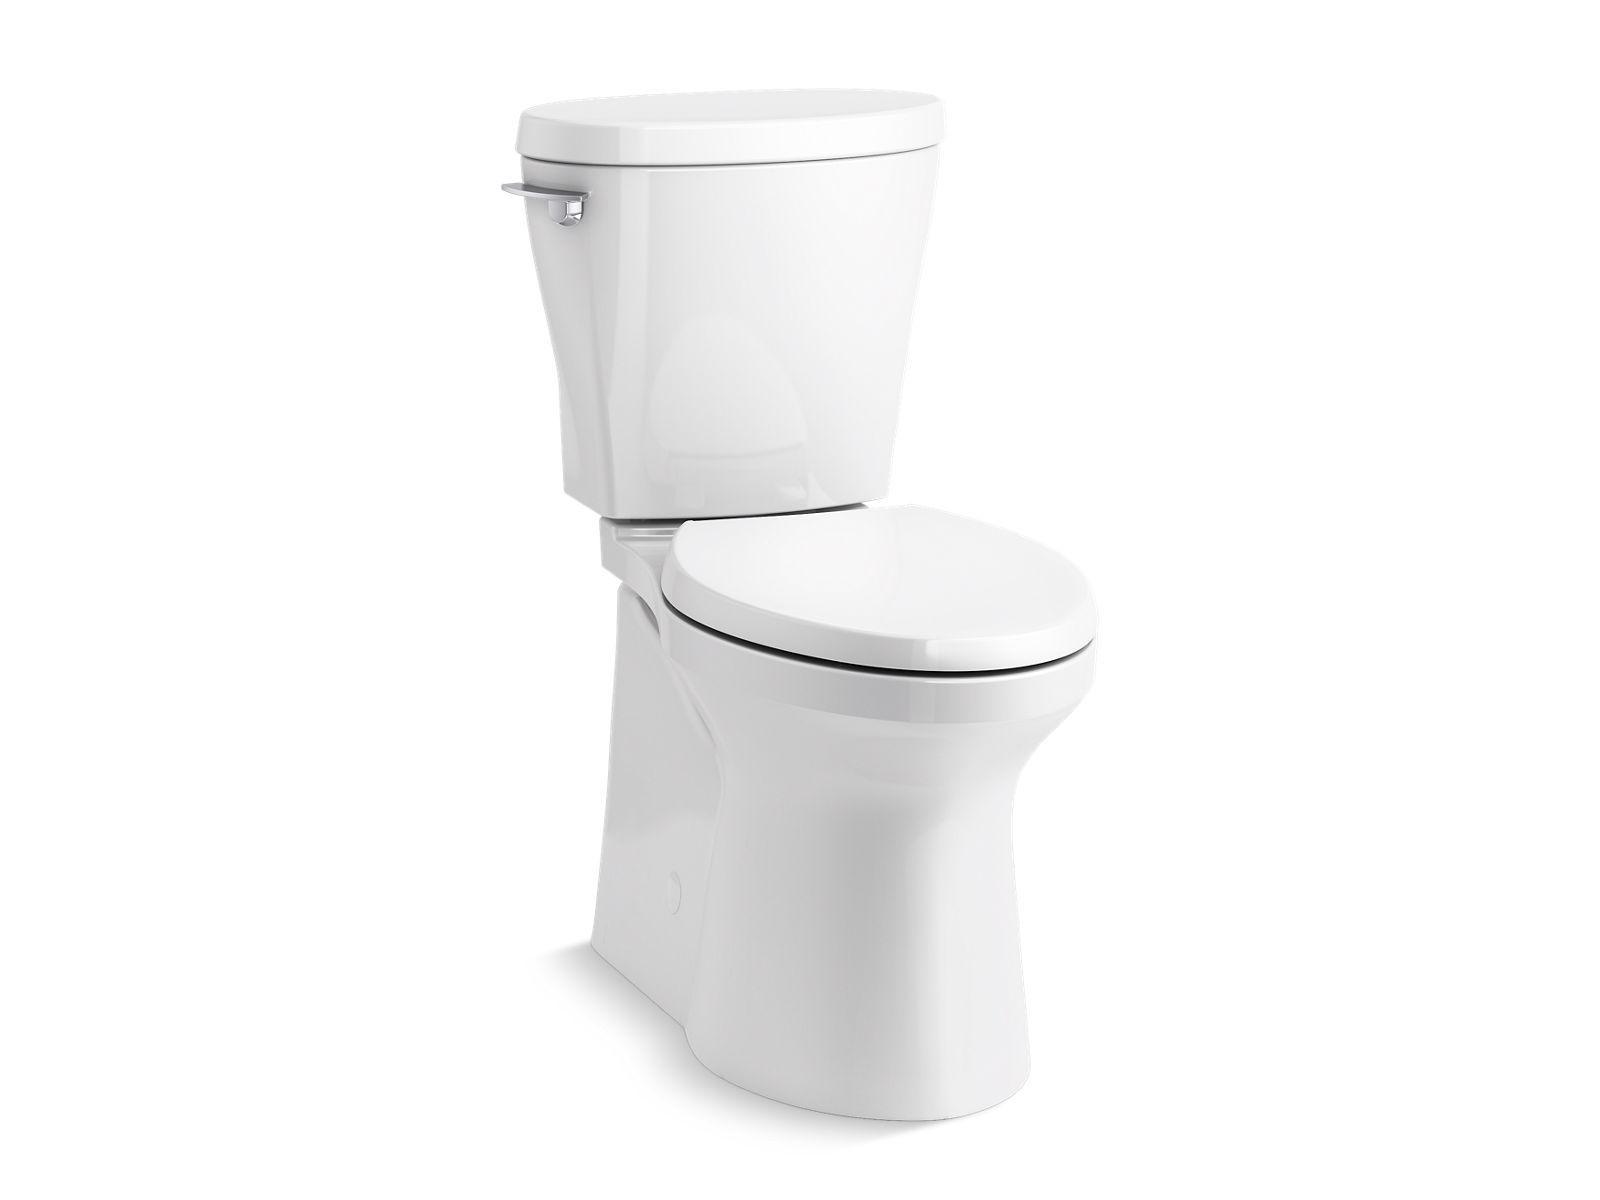 Betello Comfort Height Chair Height Skirted Toilet 1 28 Gpf K 20197 Kohler Kohler In 2020 Kohler Chair Height Toilet